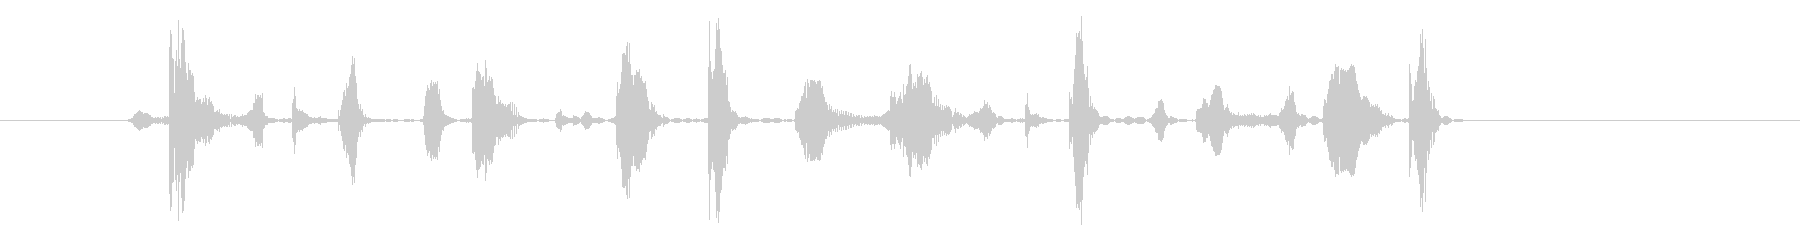 ブンツカダットドンドンガットの未再生の波形